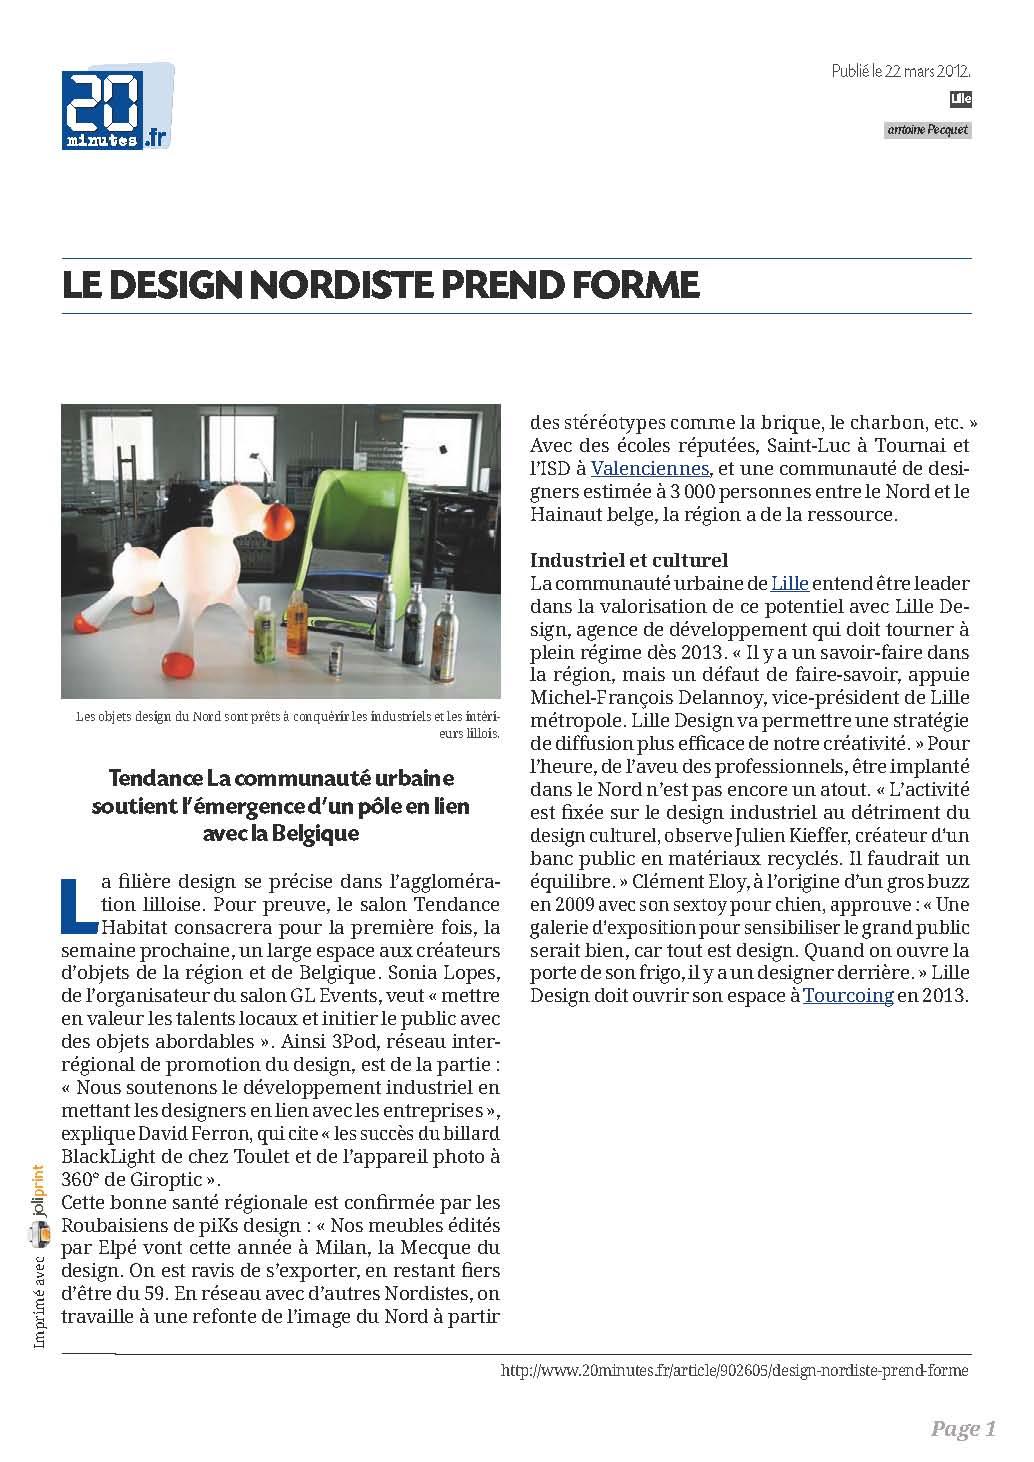 Presse- article- Billards toulet-20minutes.fr-le-design-nordiste-prend-forme